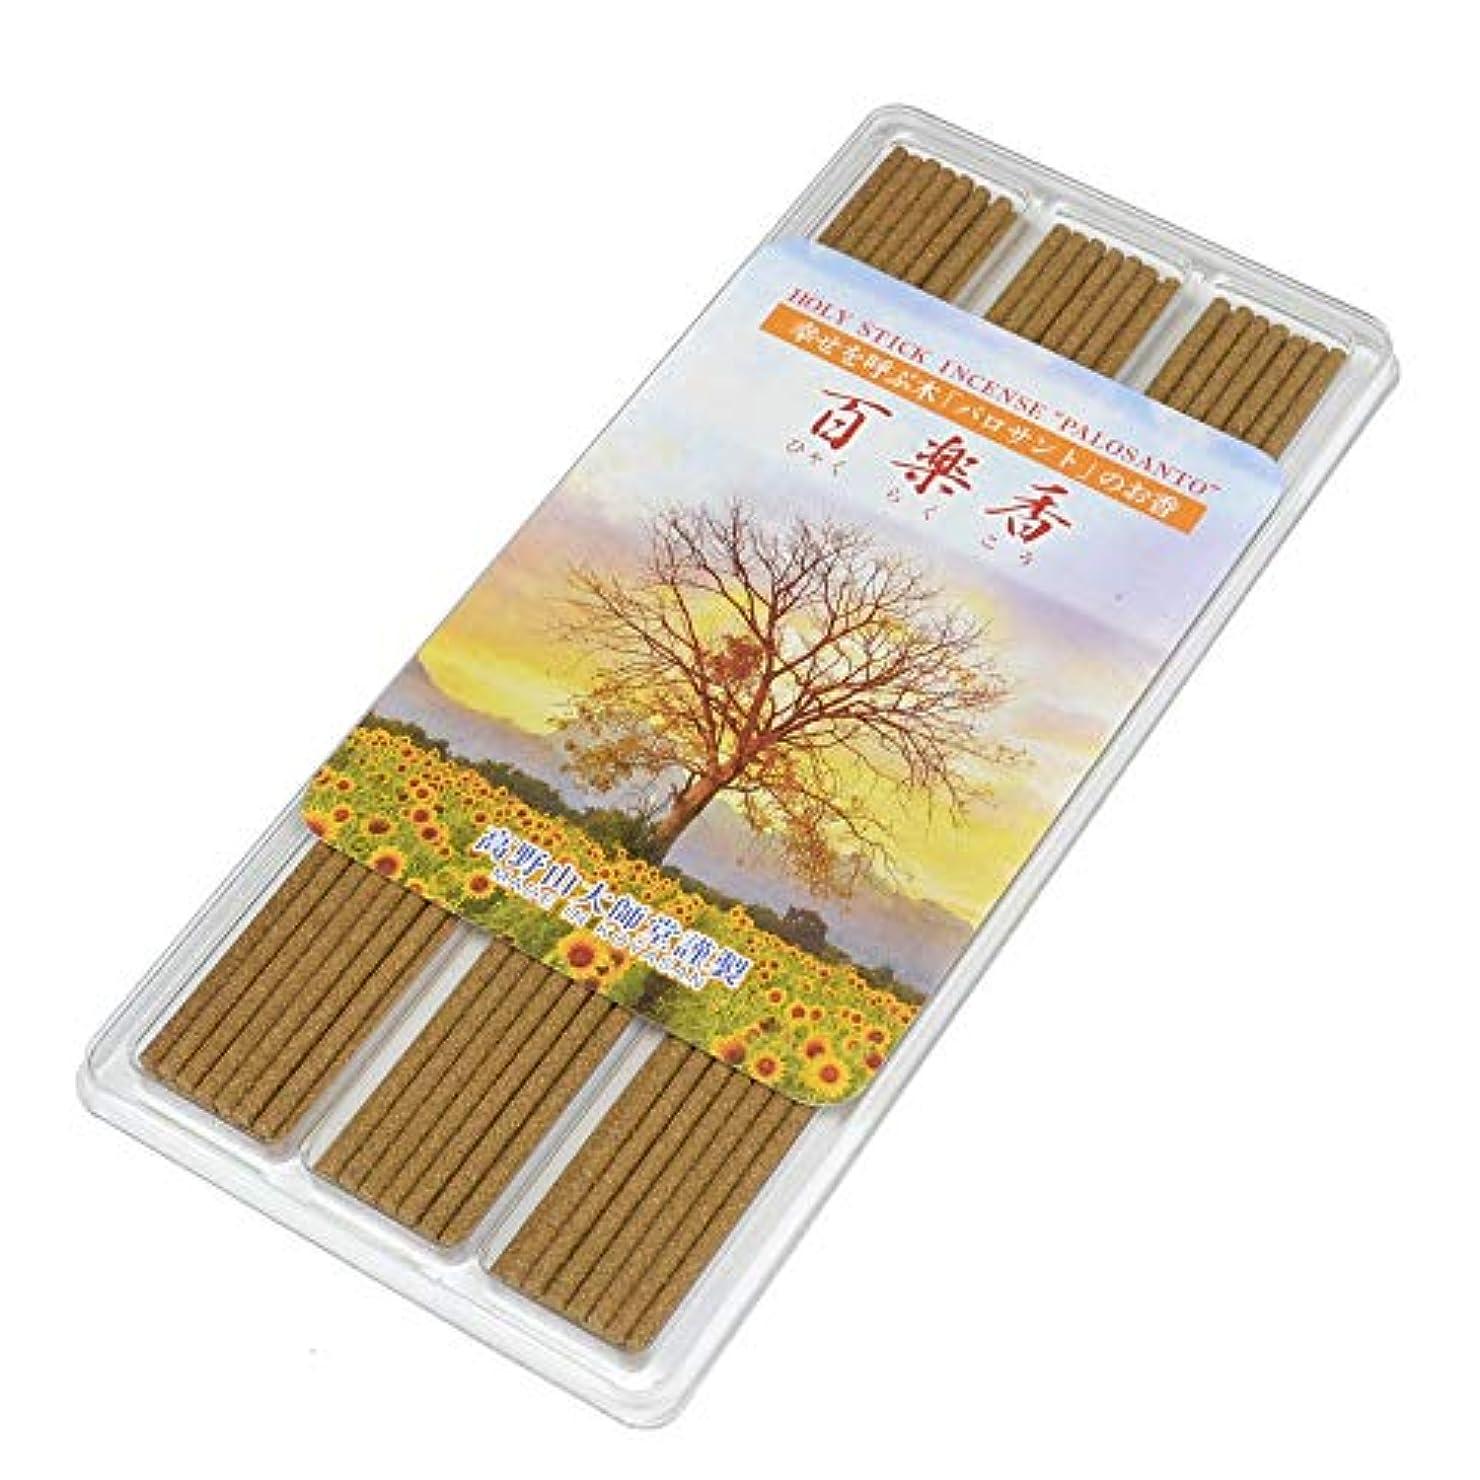 補う水銀の便利幸運の木「パロサント」のお香【徳用】Palo Santo Incense